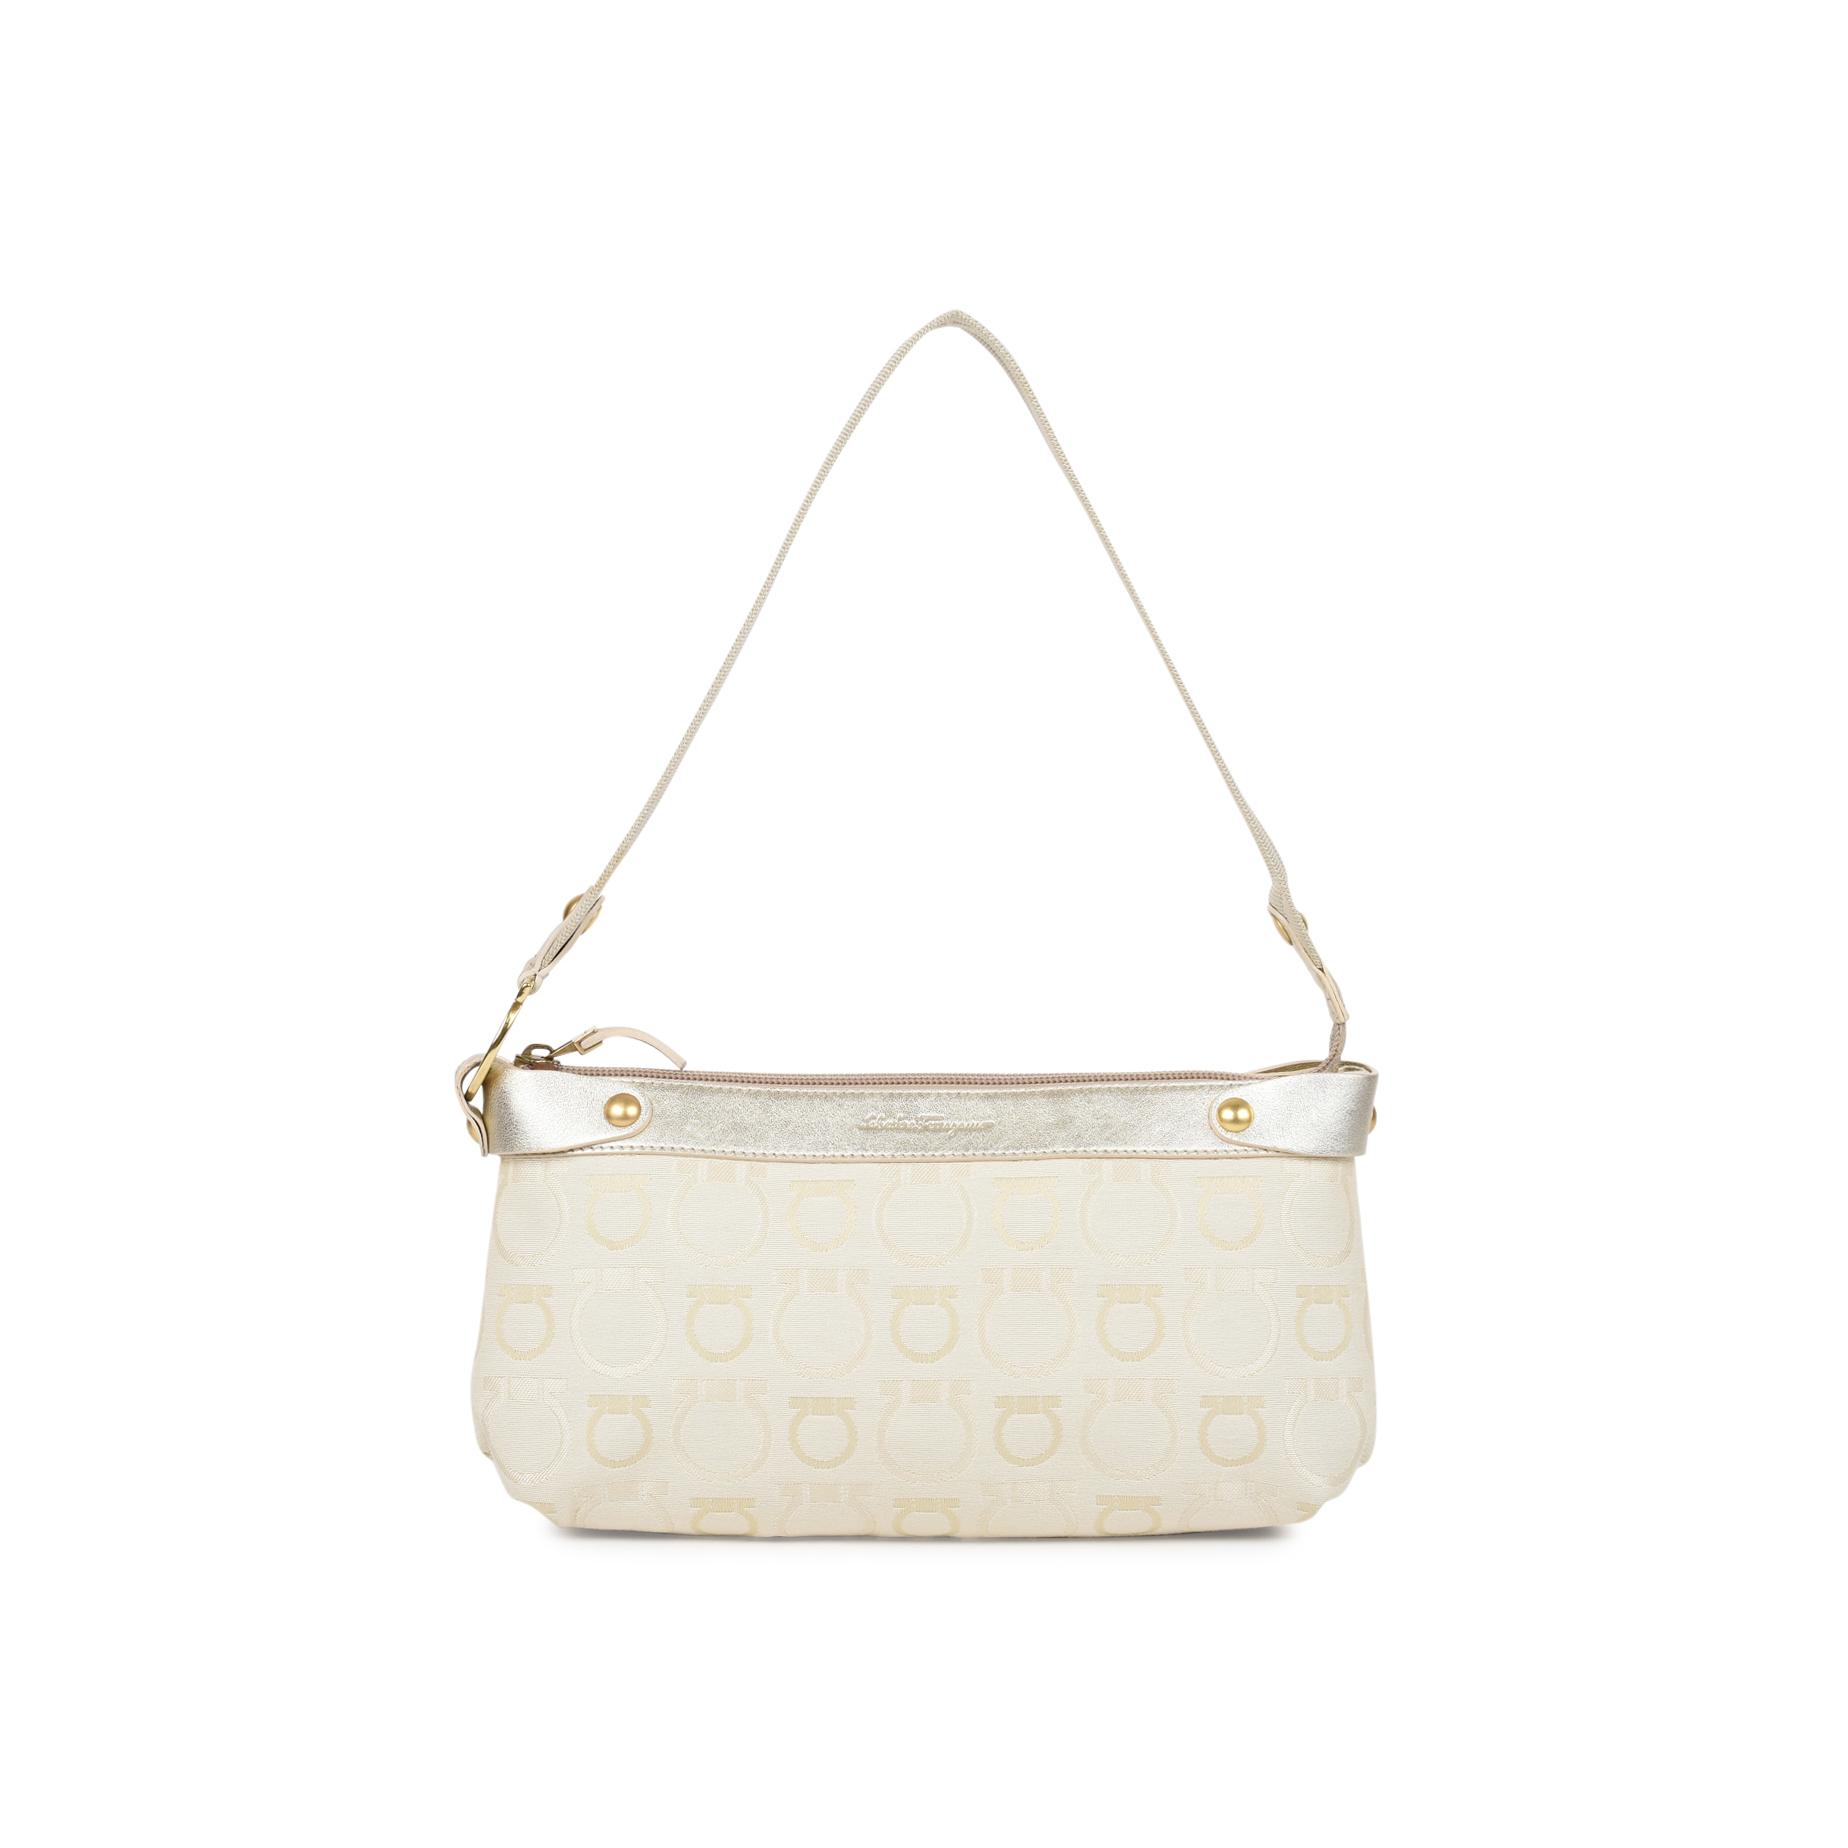 0883296296bf Authentic Second Hand Salvatore Ferragamo Magnolia Fabric Monogram Bag  (PSS-512-00002)